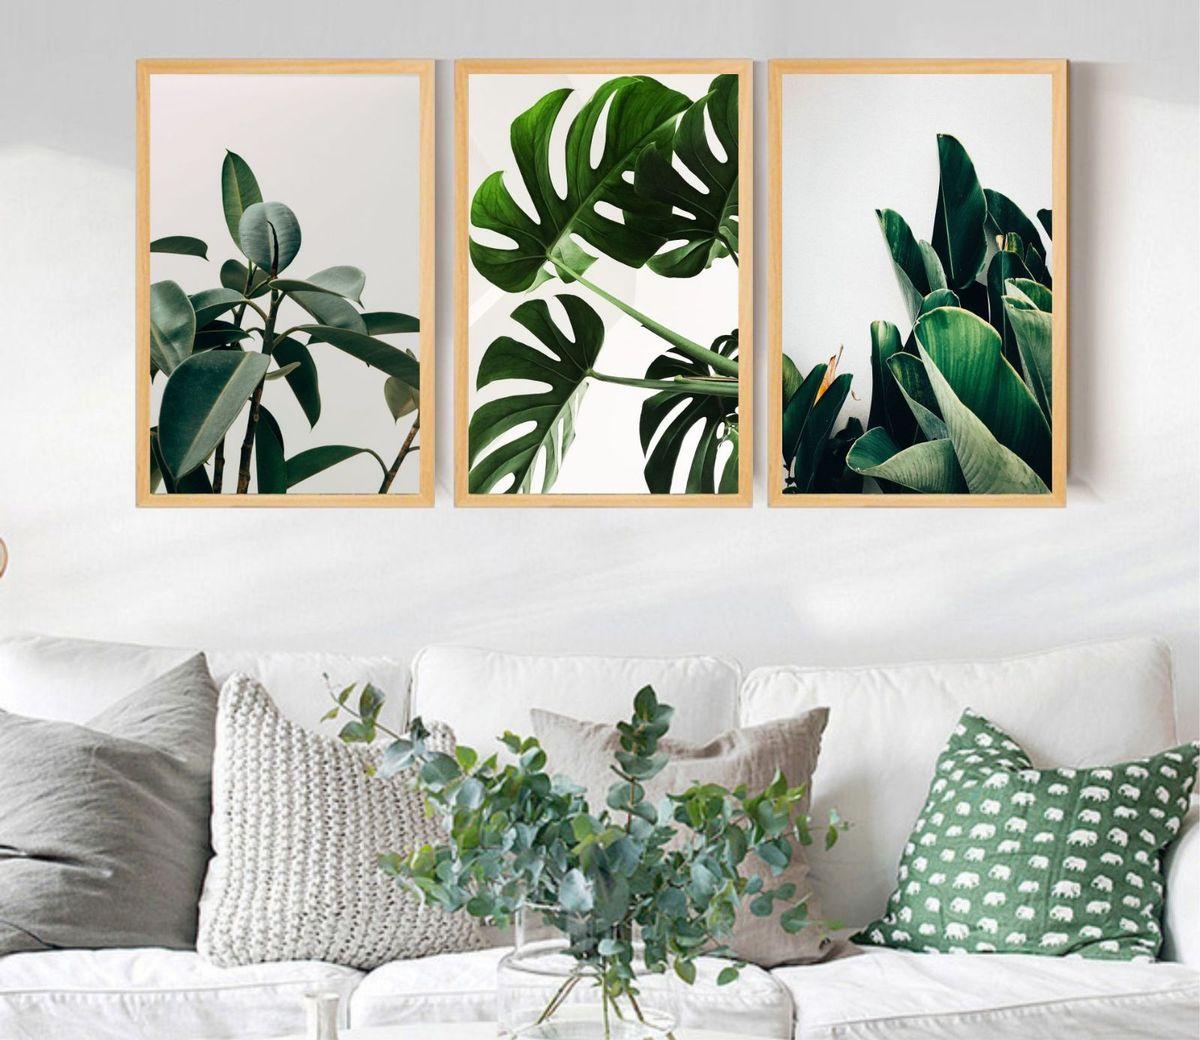 quadro decorativo folhagem moldura natural - decoração udinese quadros